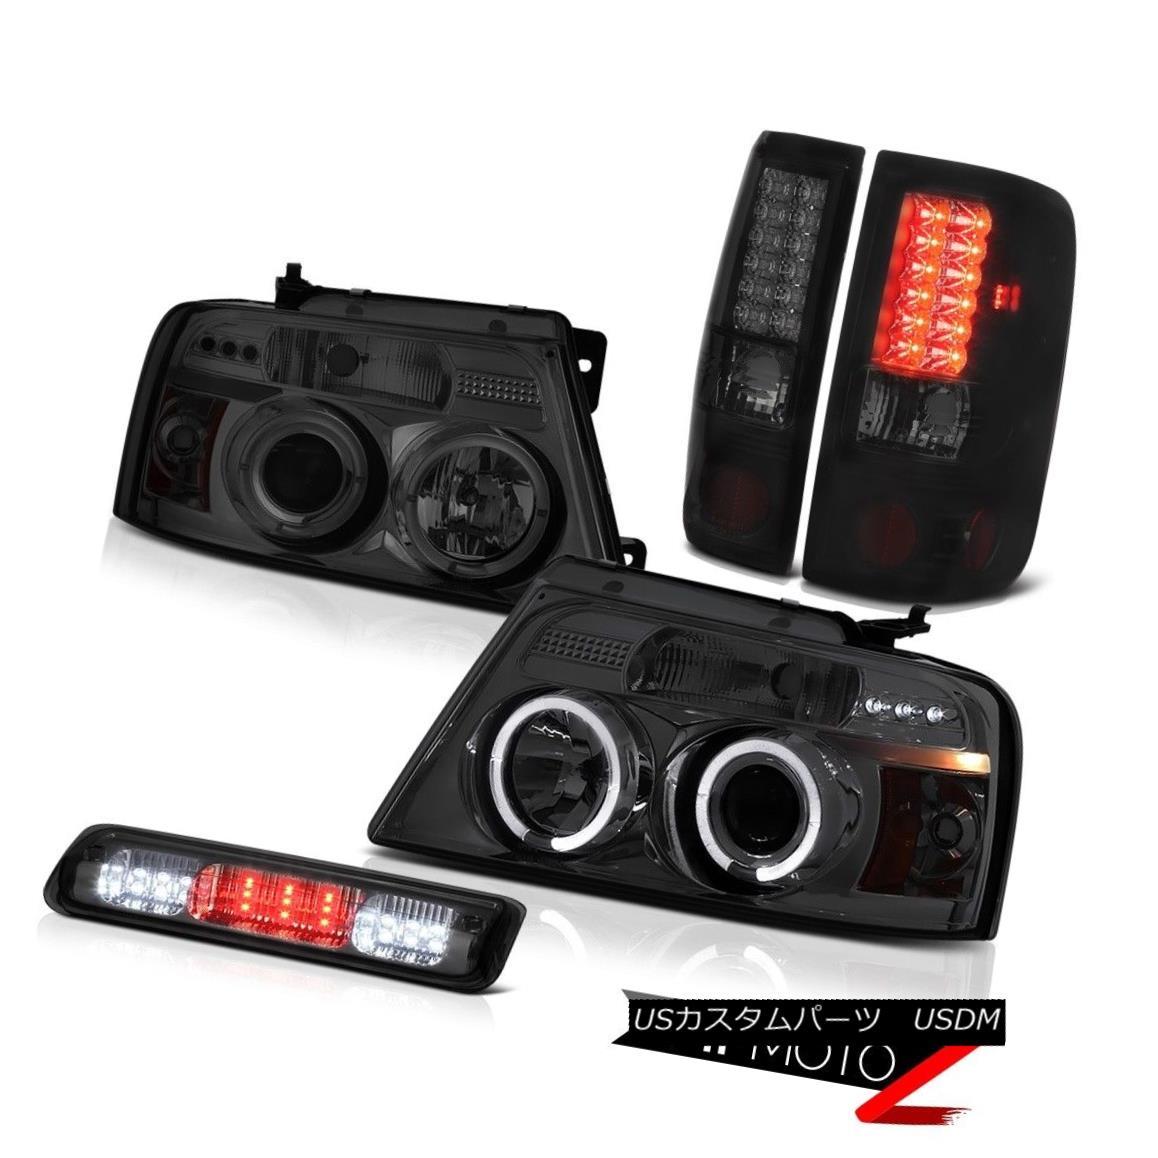 テールライト 04-08 Ford F150 FX4 Smokey Third Brake Light Projector Headlights Taillights LED 04-08 Ford F150 FX4 Smokey第3ブレーキライトプロジェクターヘッドライトテールランプLED